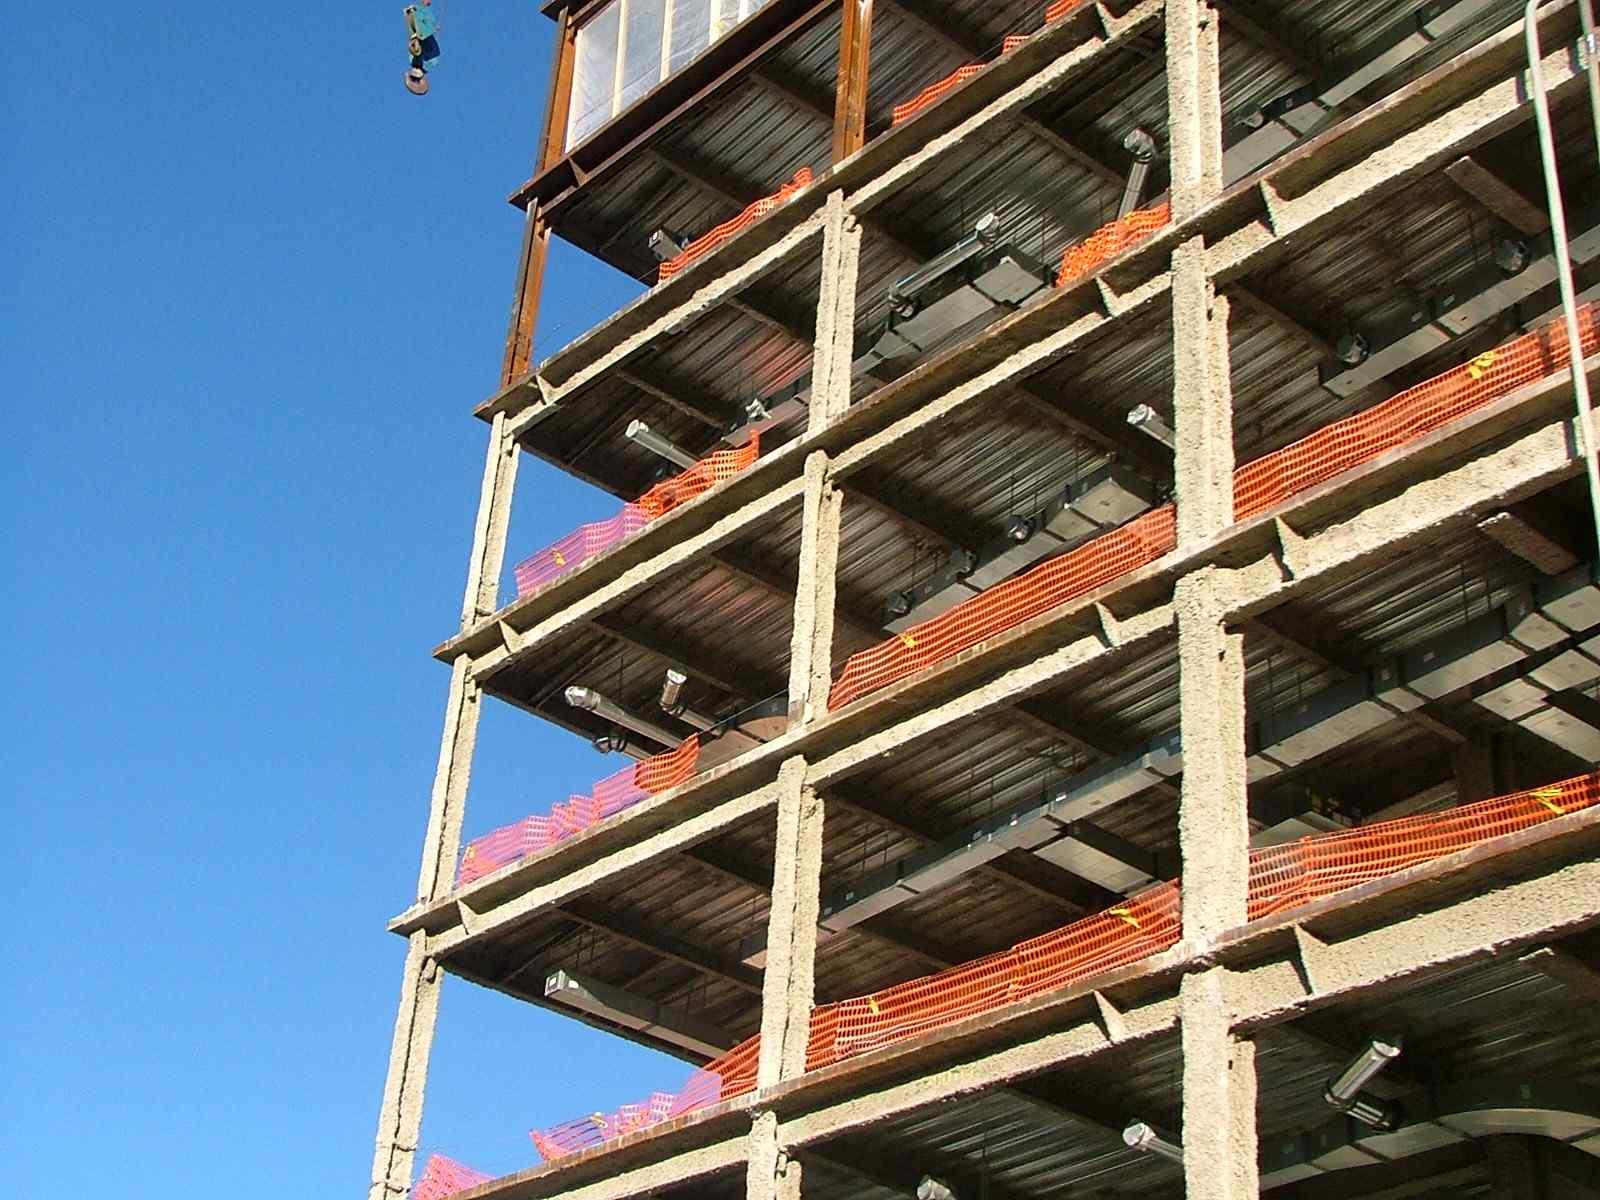 NIK o warunkach zabudowy i nowelizacji Prawa budowlanego